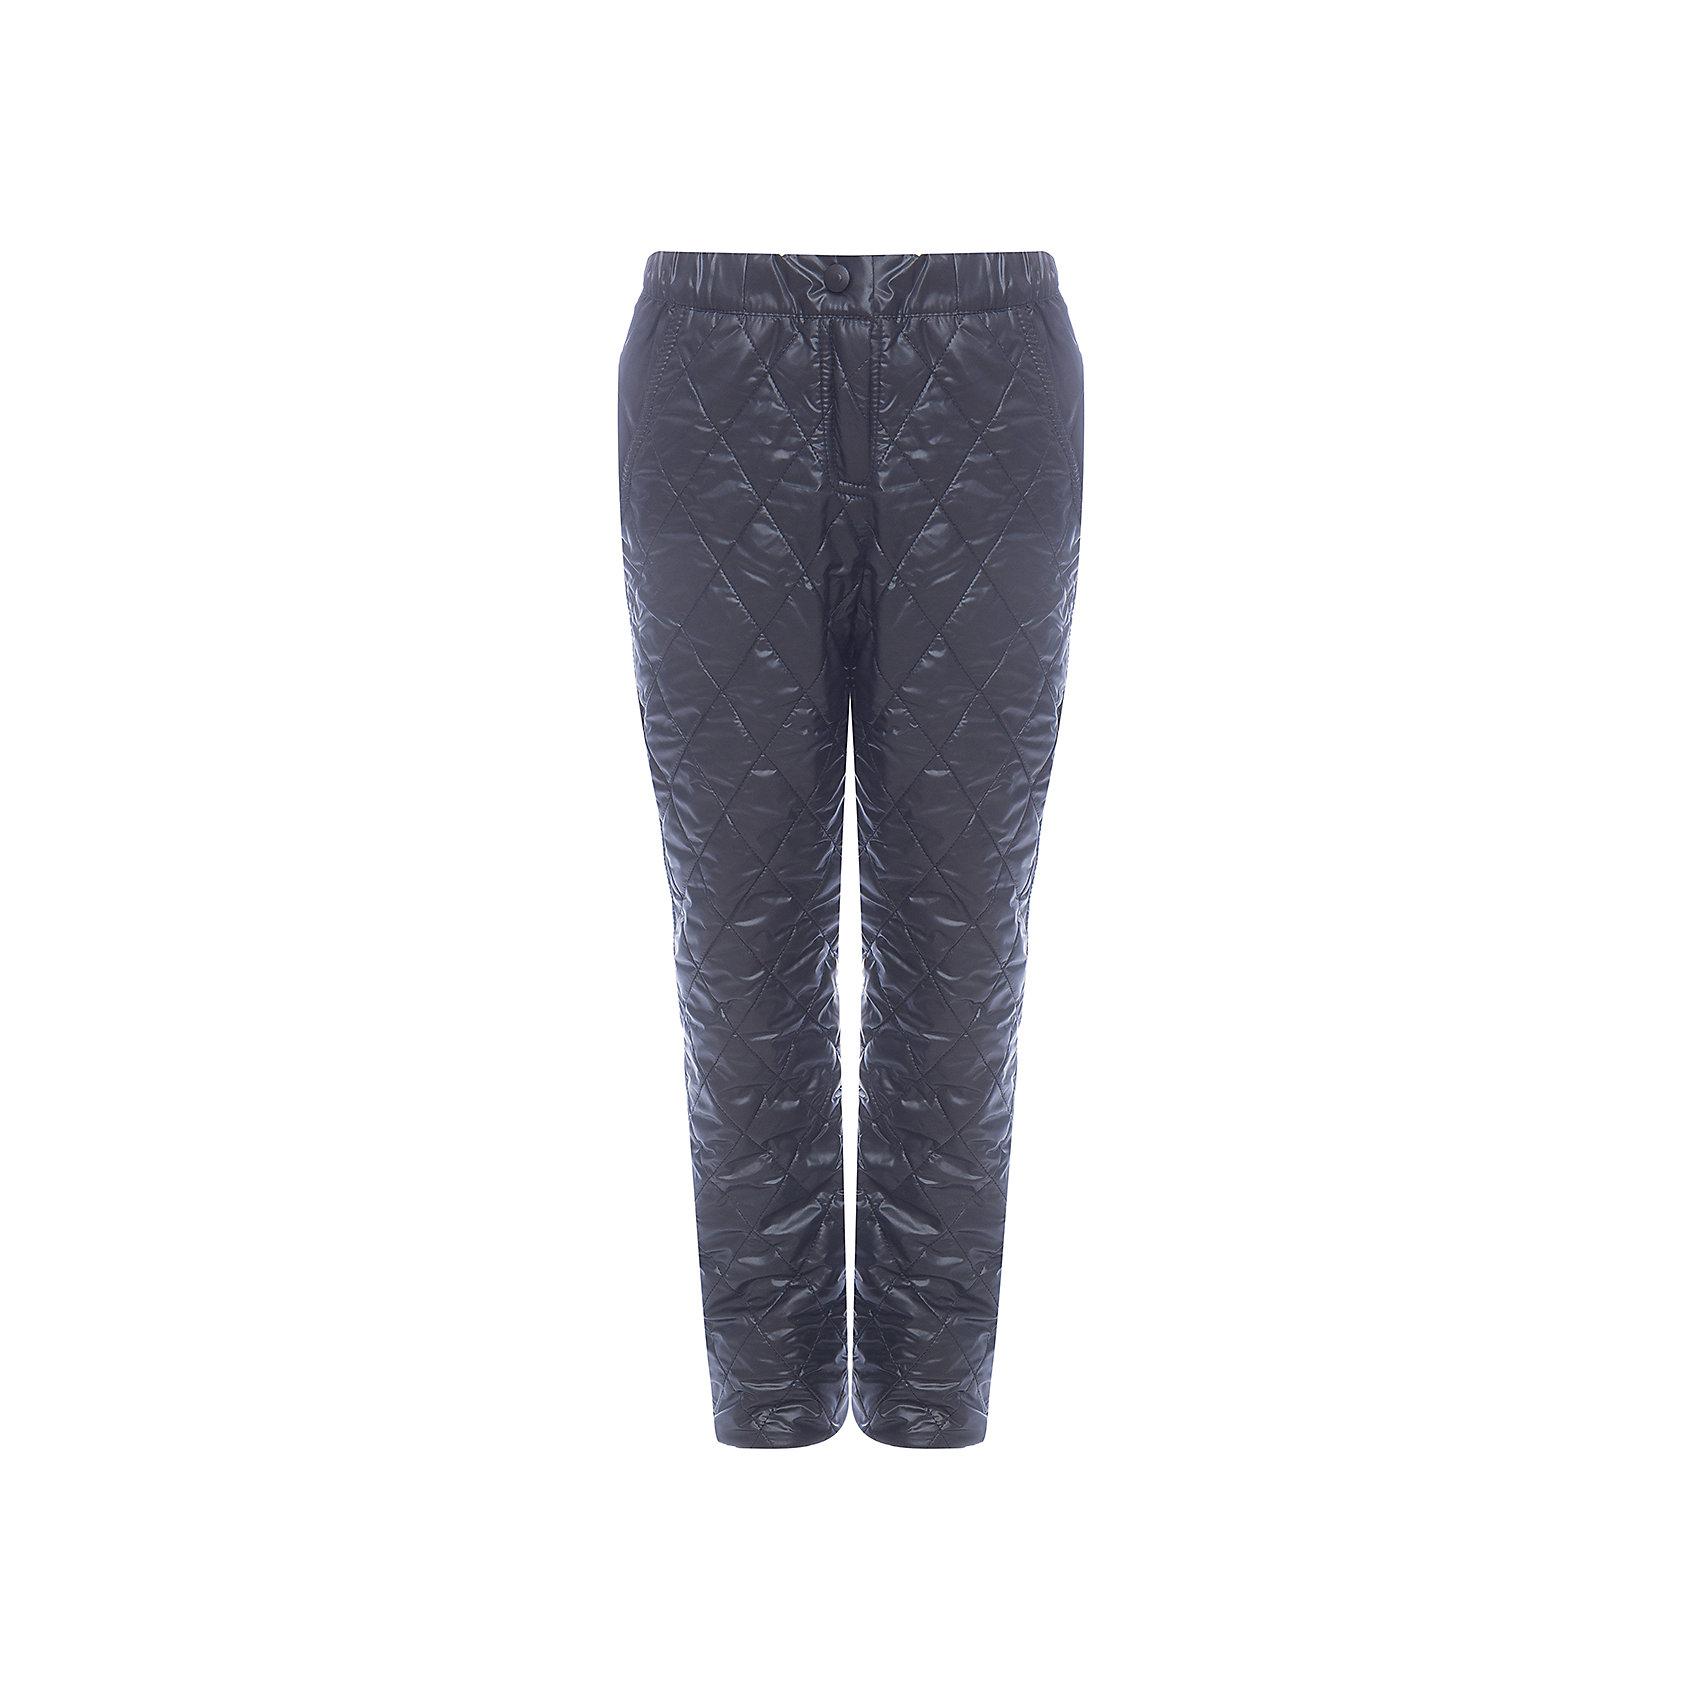 Брюки BOOM by Orby для девочкиВерхняя одежда<br>Характеристики товара:<br><br>• цвет: черный<br>• ткань верха: Таффета pu milky<br>• подкладка: Флис<br>• без утеплителя<br>• сезон: демисезон<br>• температурный режим: от +5°до +15°С<br>• особенности одежды: на молнии, стеганая<br>• тип брюк: стеганые<br>• пояс: регулировка объема резинкой<br>• карманы: втачные<br>• страна бренда: Россия<br>• страна изготовитель: Россия<br><br>Демисезонная одежда для детей должна учитывать переменную погоду, быть теплой и удобной, как эти брюки для девочки. Благодаря хорошему прилеганию и прочной ткани верха такие брюки защитят ребенка от холода и сырости в демисезон. <br><br>Брюки BOOM by Orby для девочки можно купить в нашем интернет-магазине.<br><br>Ширина мм: 215<br>Глубина мм: 88<br>Высота мм: 191<br>Вес г: 336<br>Цвет: черный<br>Возраст от месяцев: 144<br>Возраст до месяцев: 156<br>Пол: Женский<br>Возраст: Детский<br>Размер: 158,86,92,104,110,98,116,122,128,134,140,146,152<br>SKU: 7007280